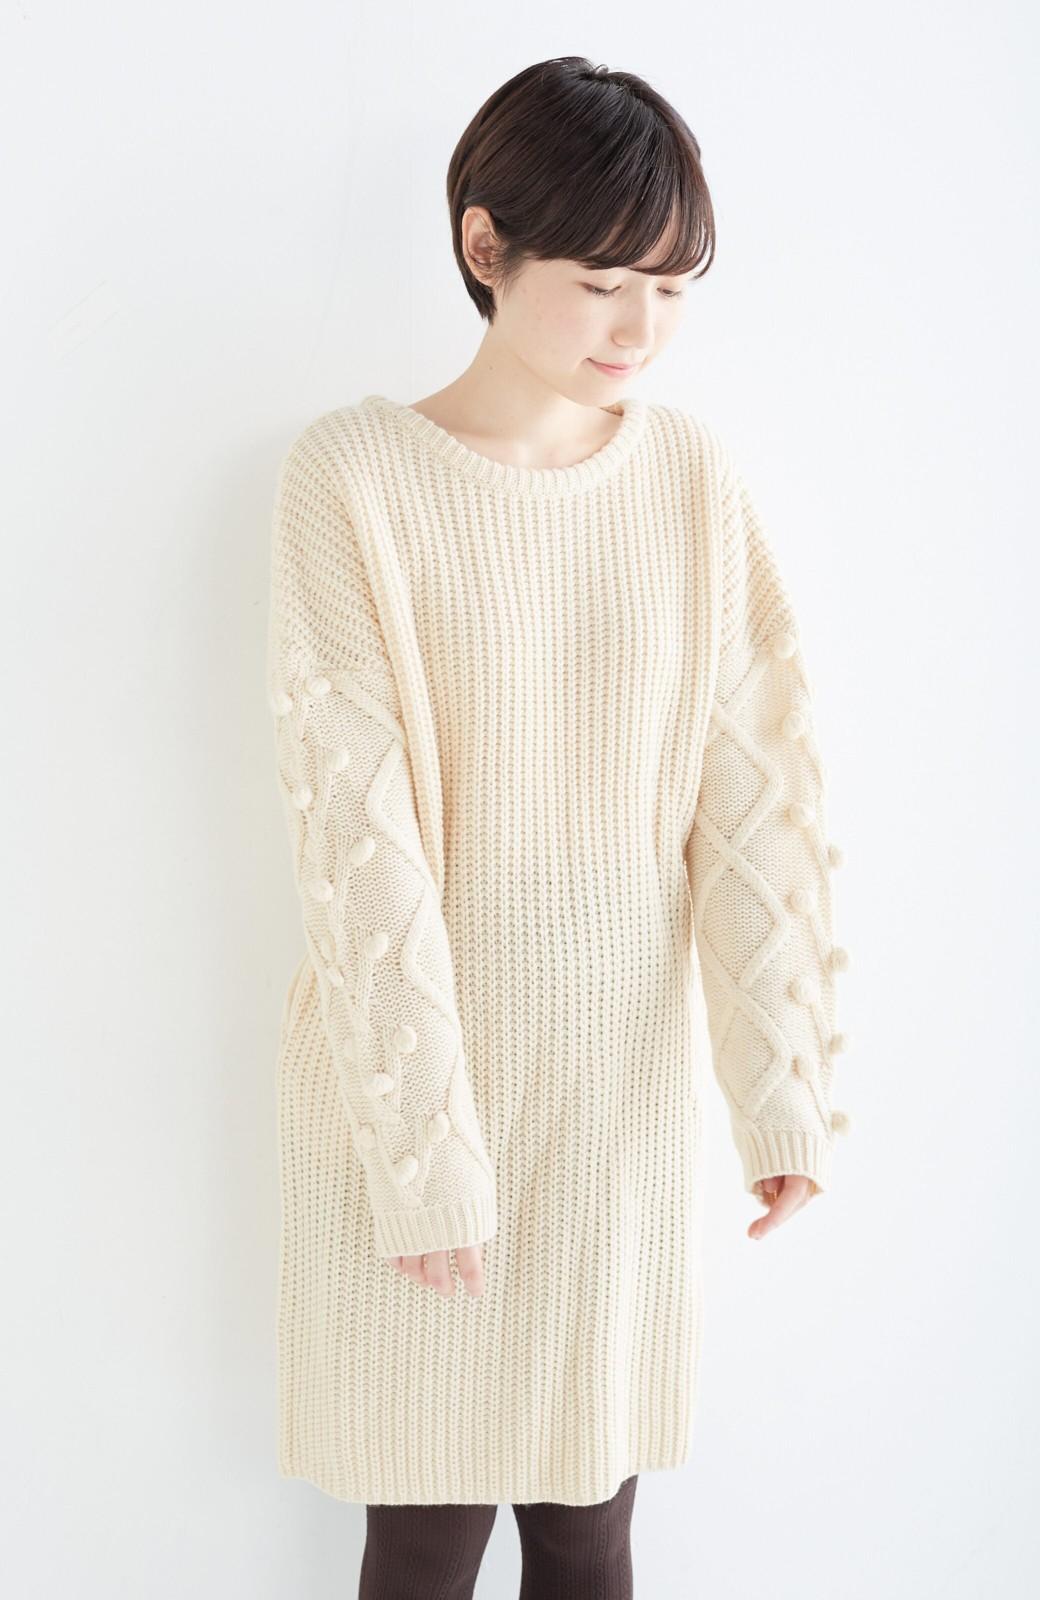 nusy パプコーン編みがかわいい おしゃれニットワンピ <ホワイト>の商品写真16